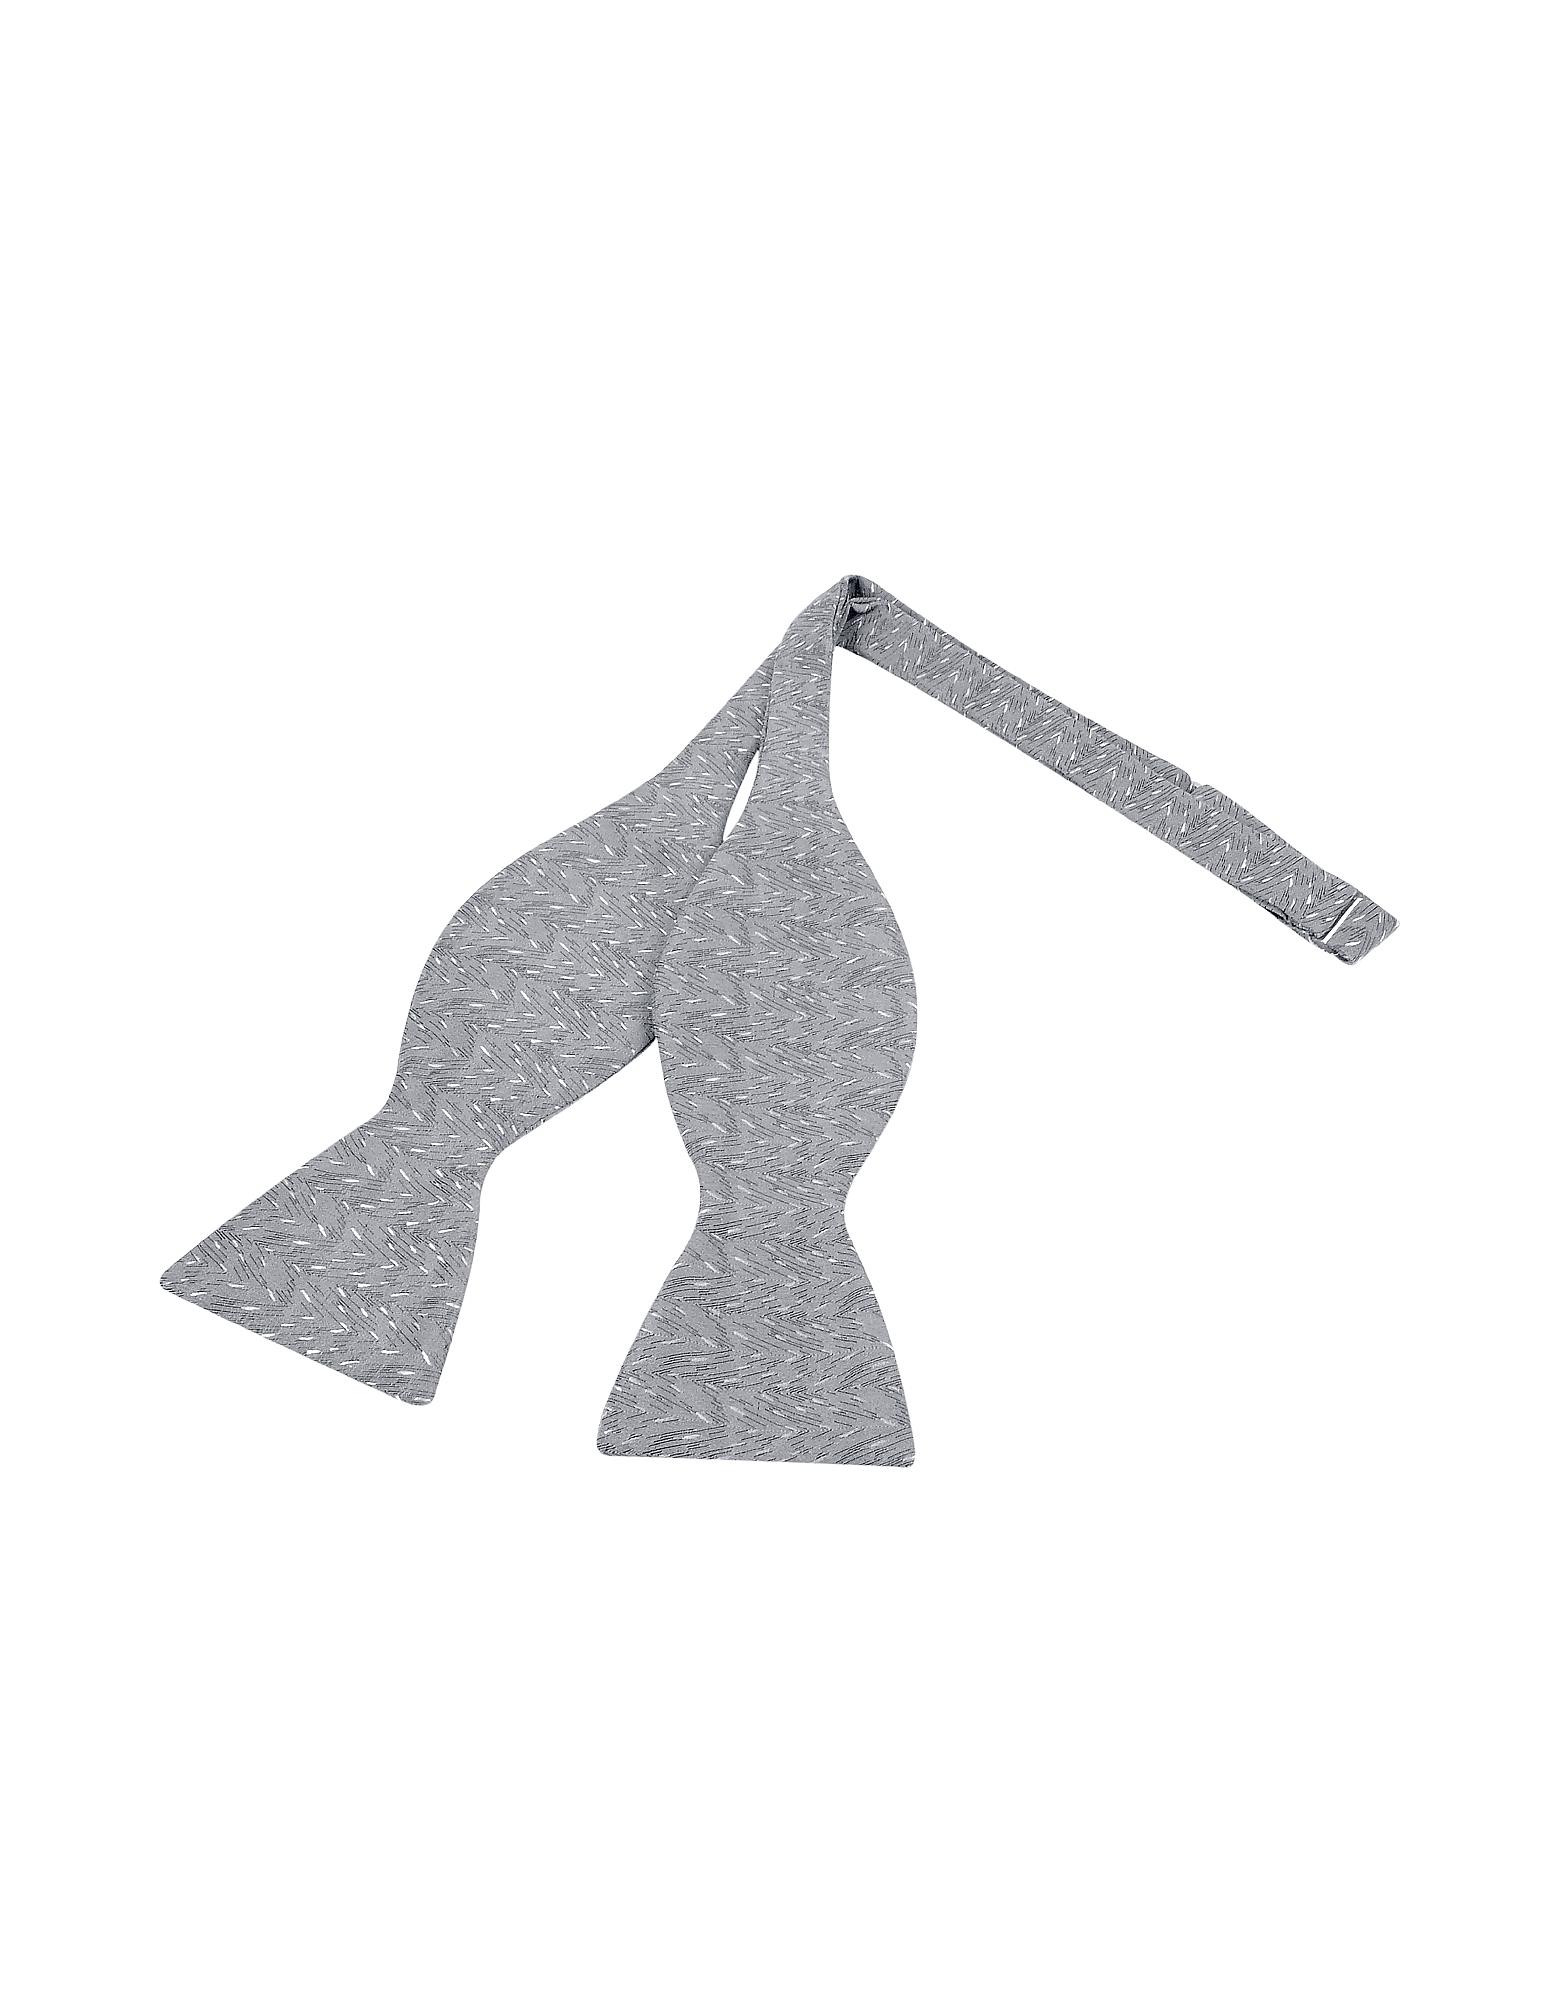 Церемониальный Серый Галстук-Бабочка из Текстурного Шелка с Узором Зиг-заг